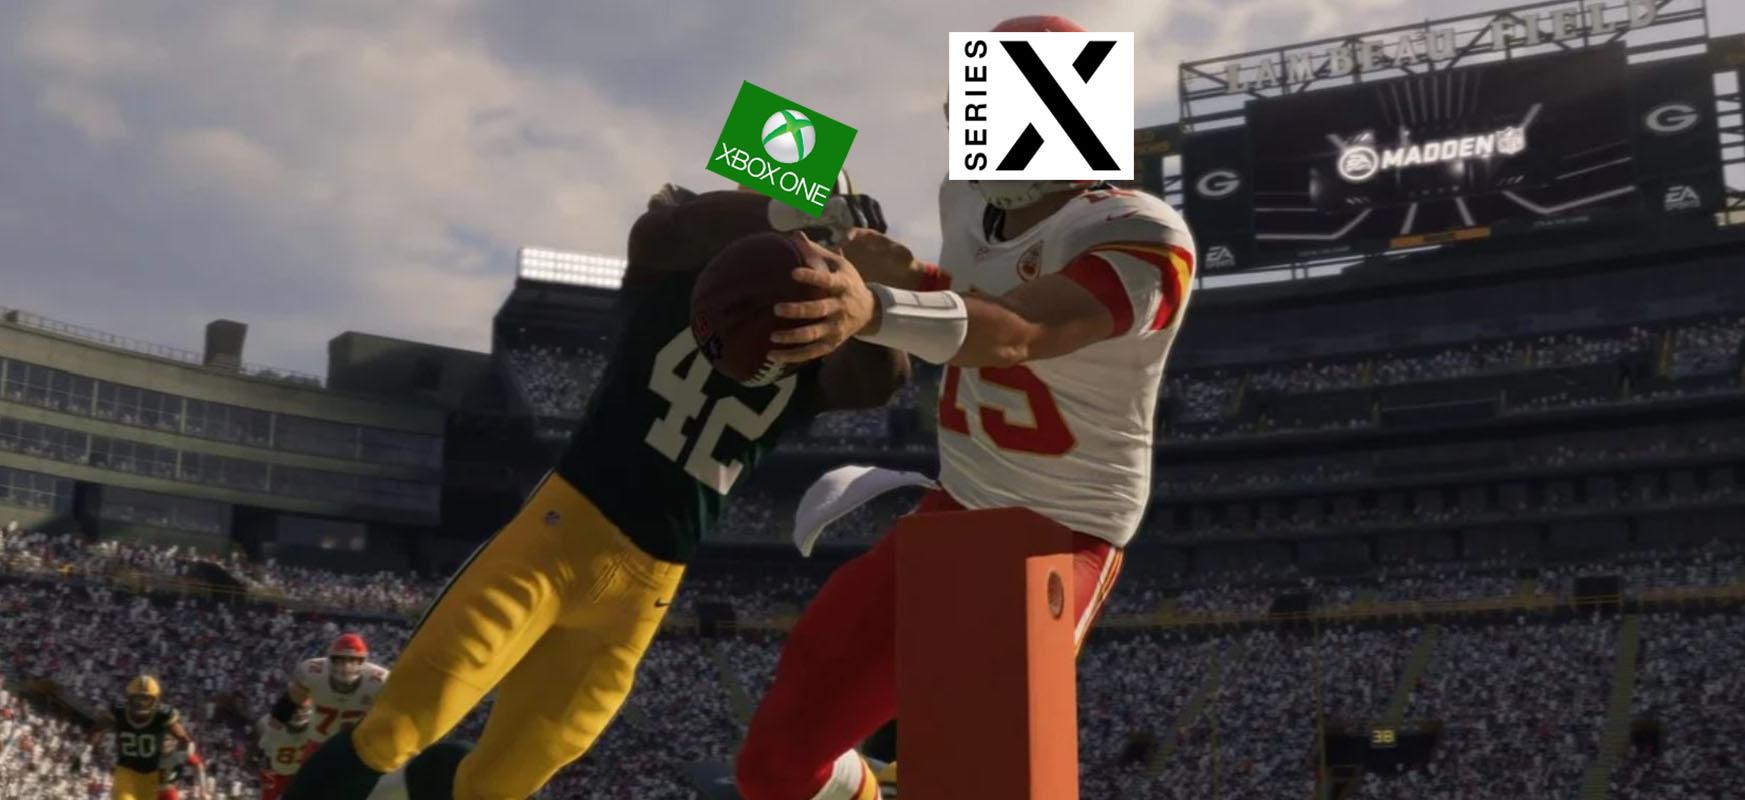 Honelakoa zen ustez: jokoa PS4 eta Xbox One-n erosten dugu eta PS5 eta Xbox Series X-n jokatzen dugu doan.  Ez da hala izango